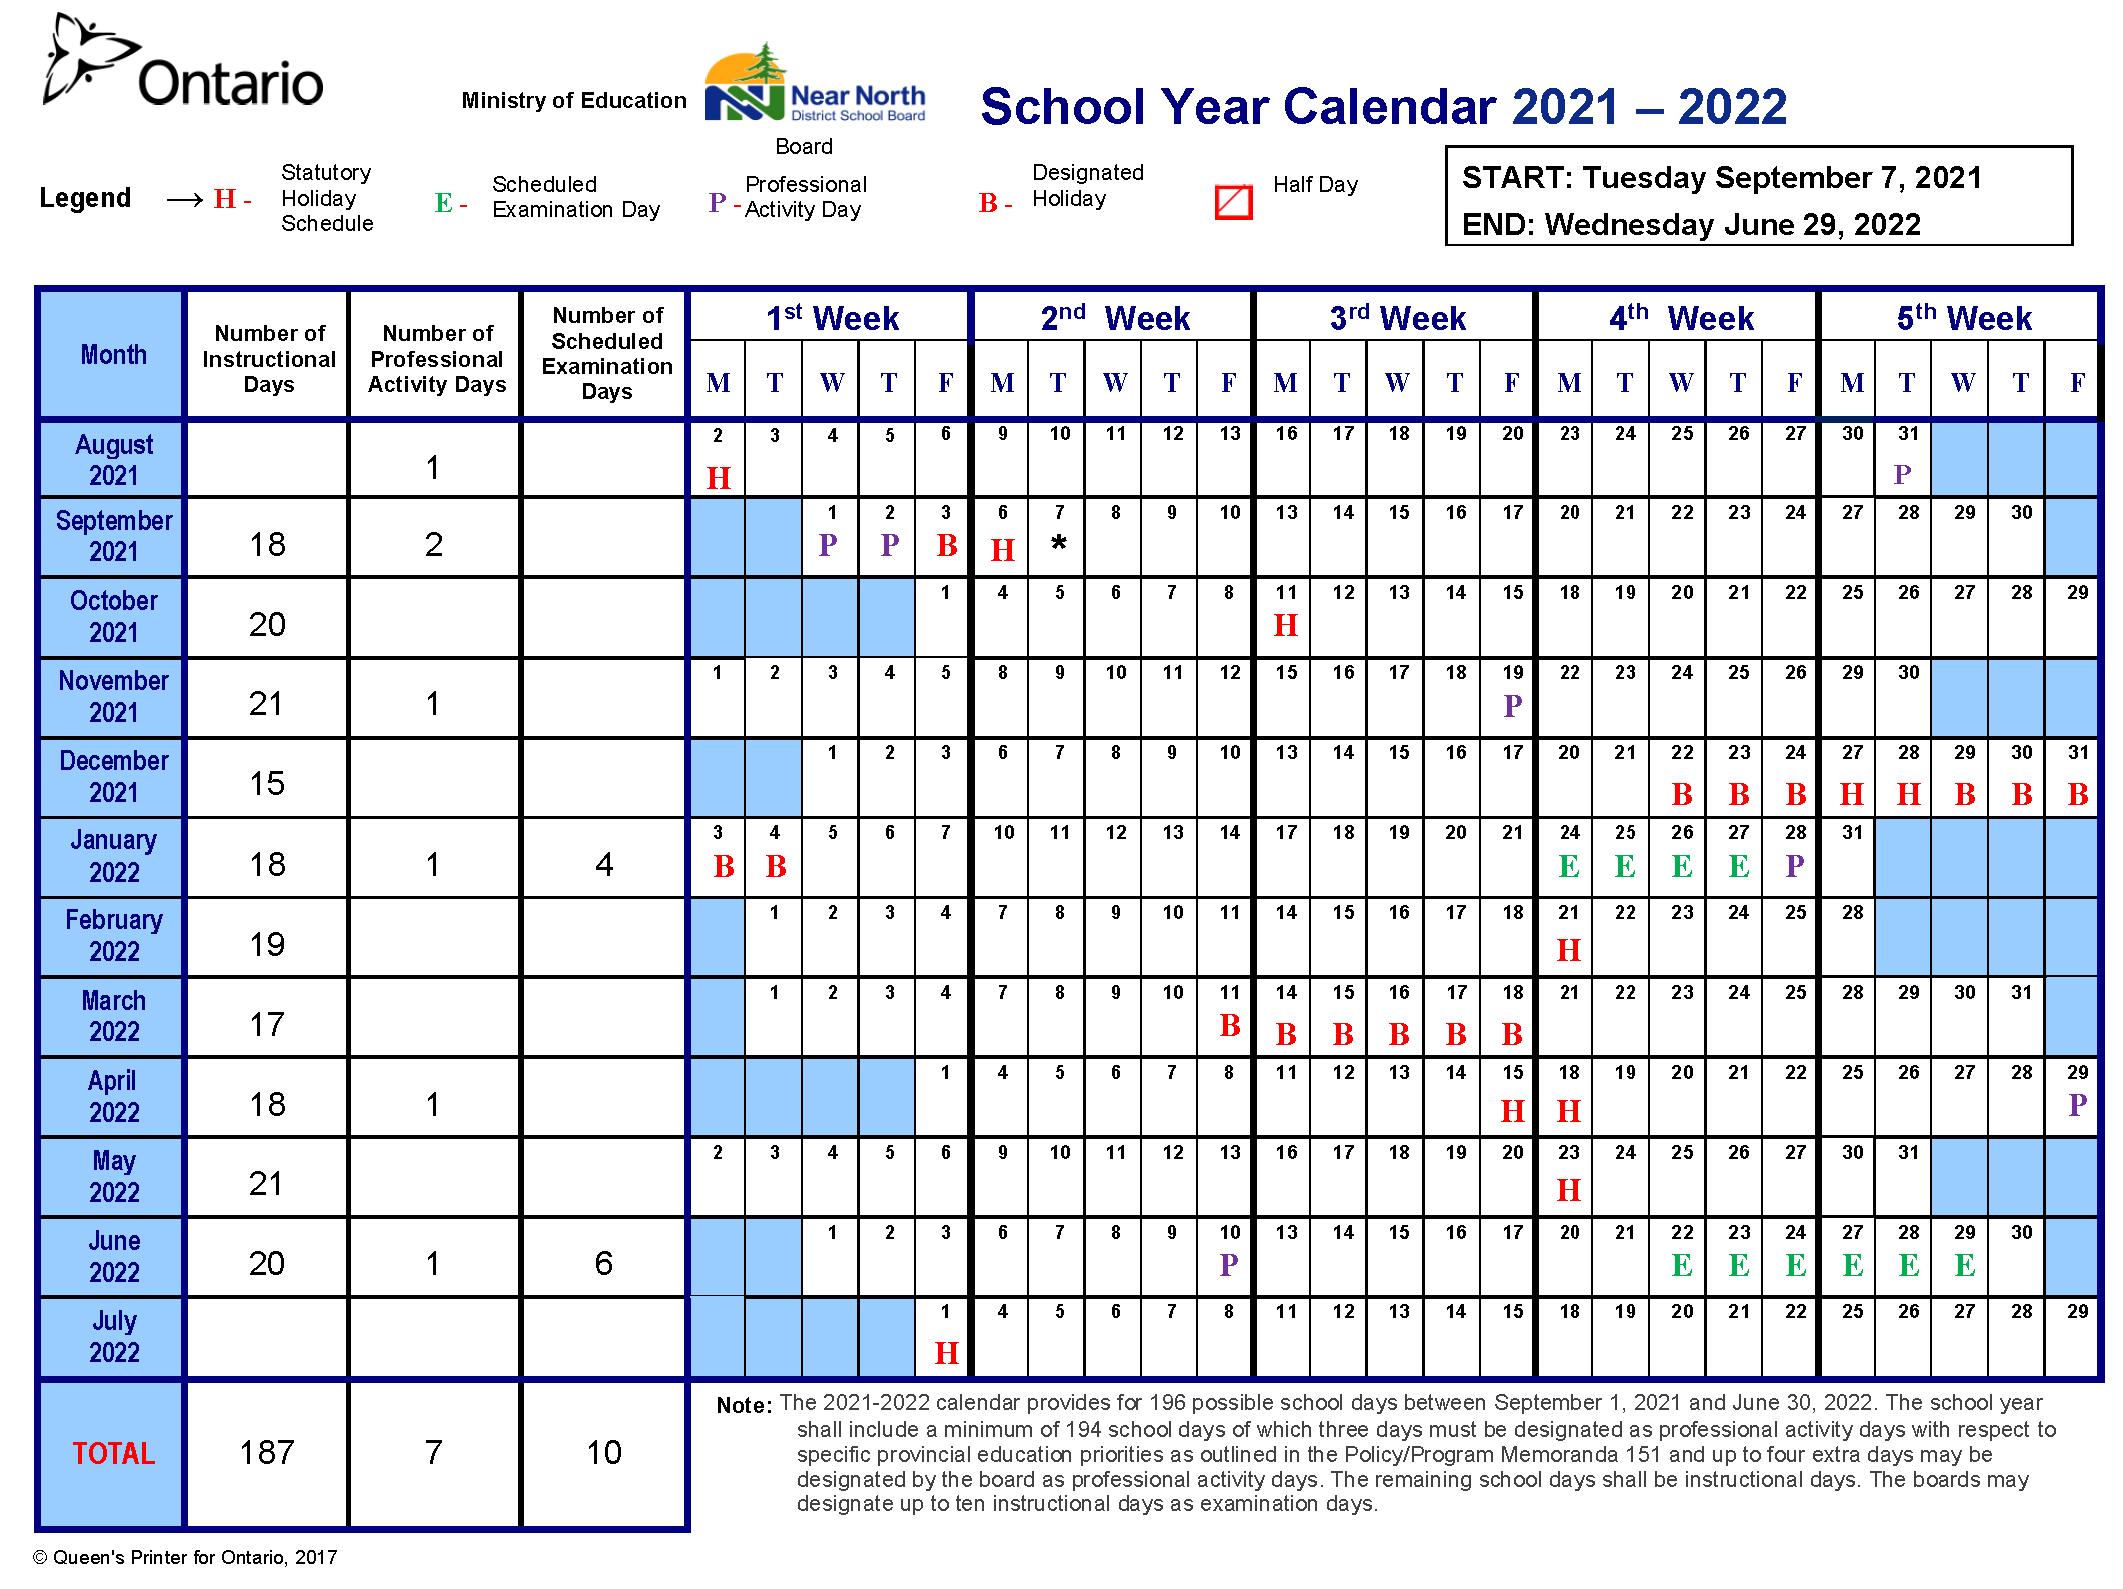 School Year Calendar for 2021-2022